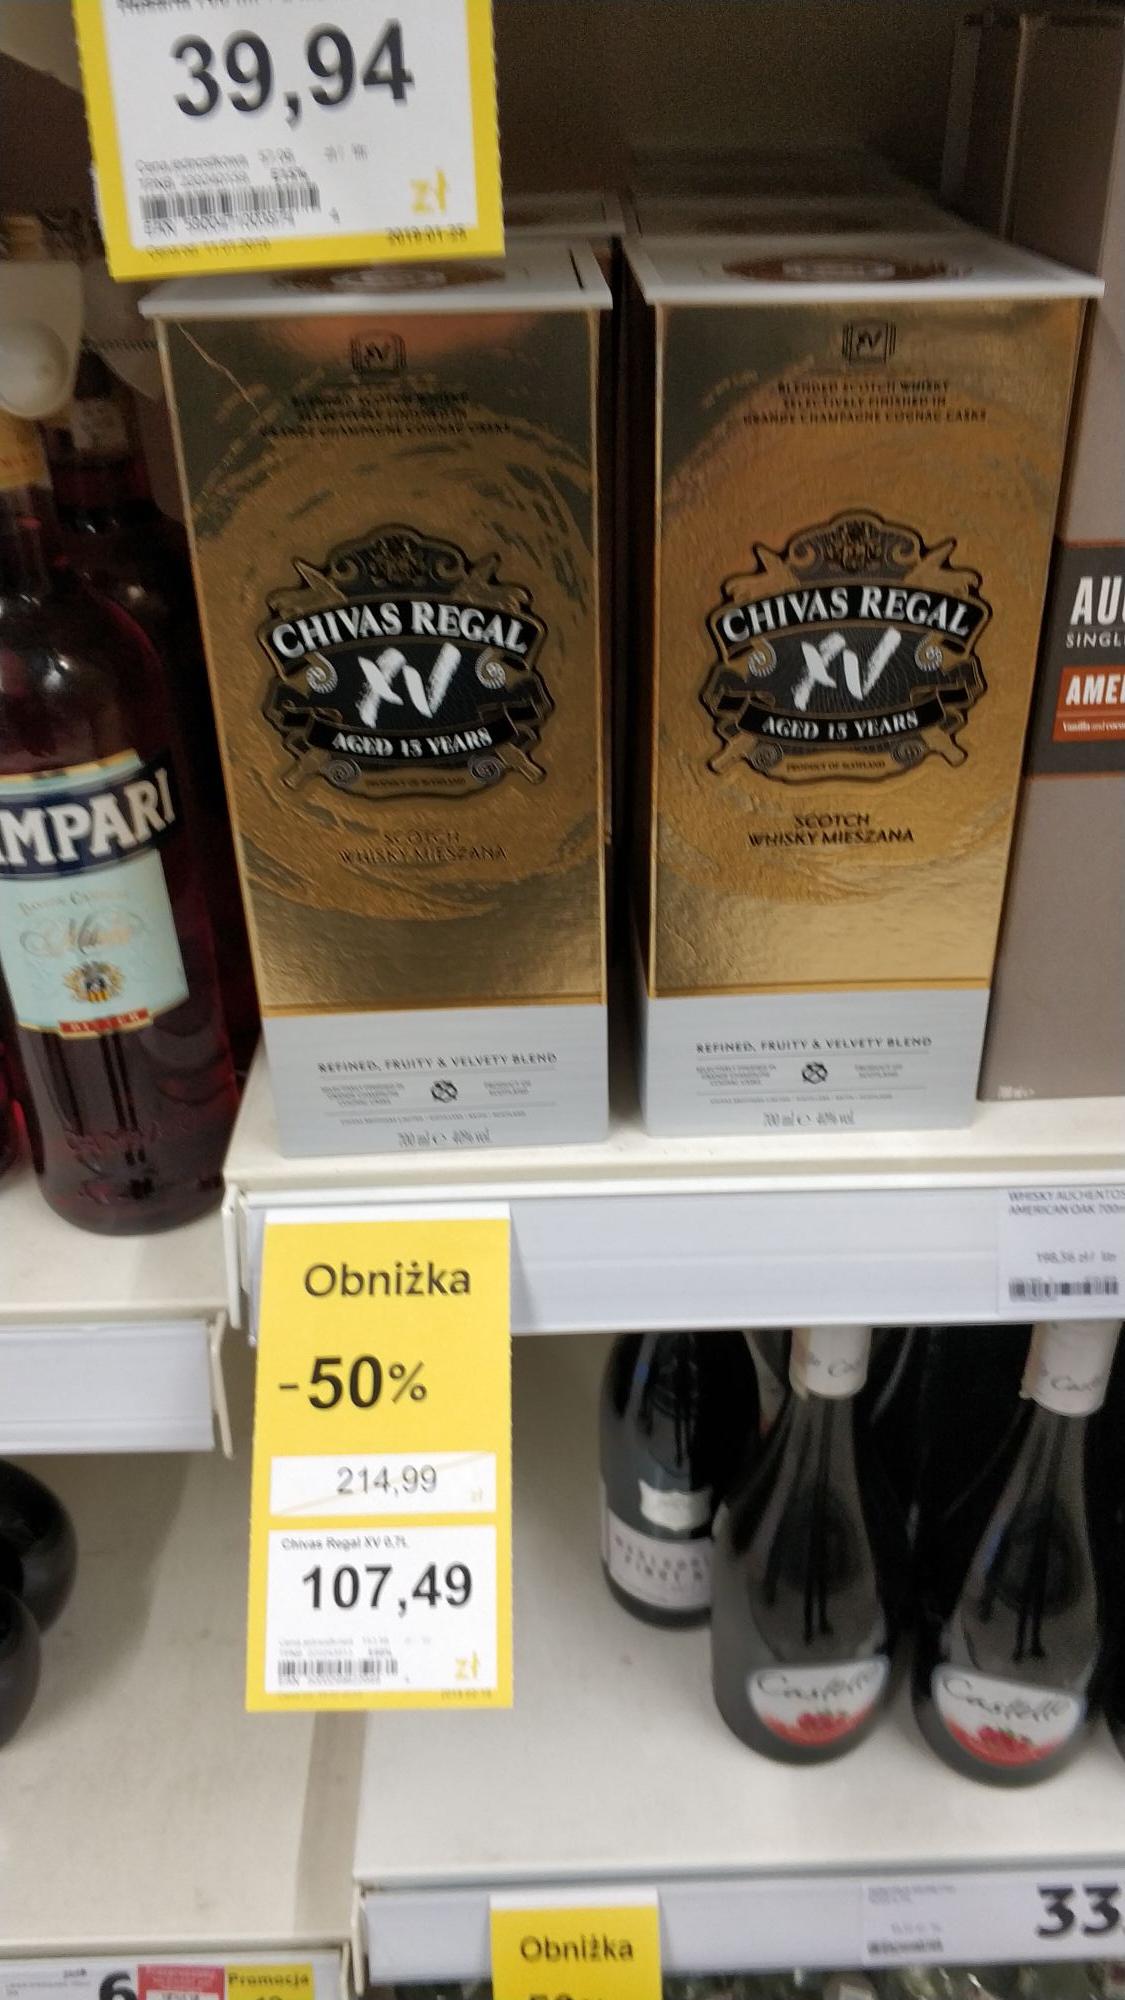 Tesco alkohole - Wyprzedaż ogólnopolska (Wódka, Whisky i inne)